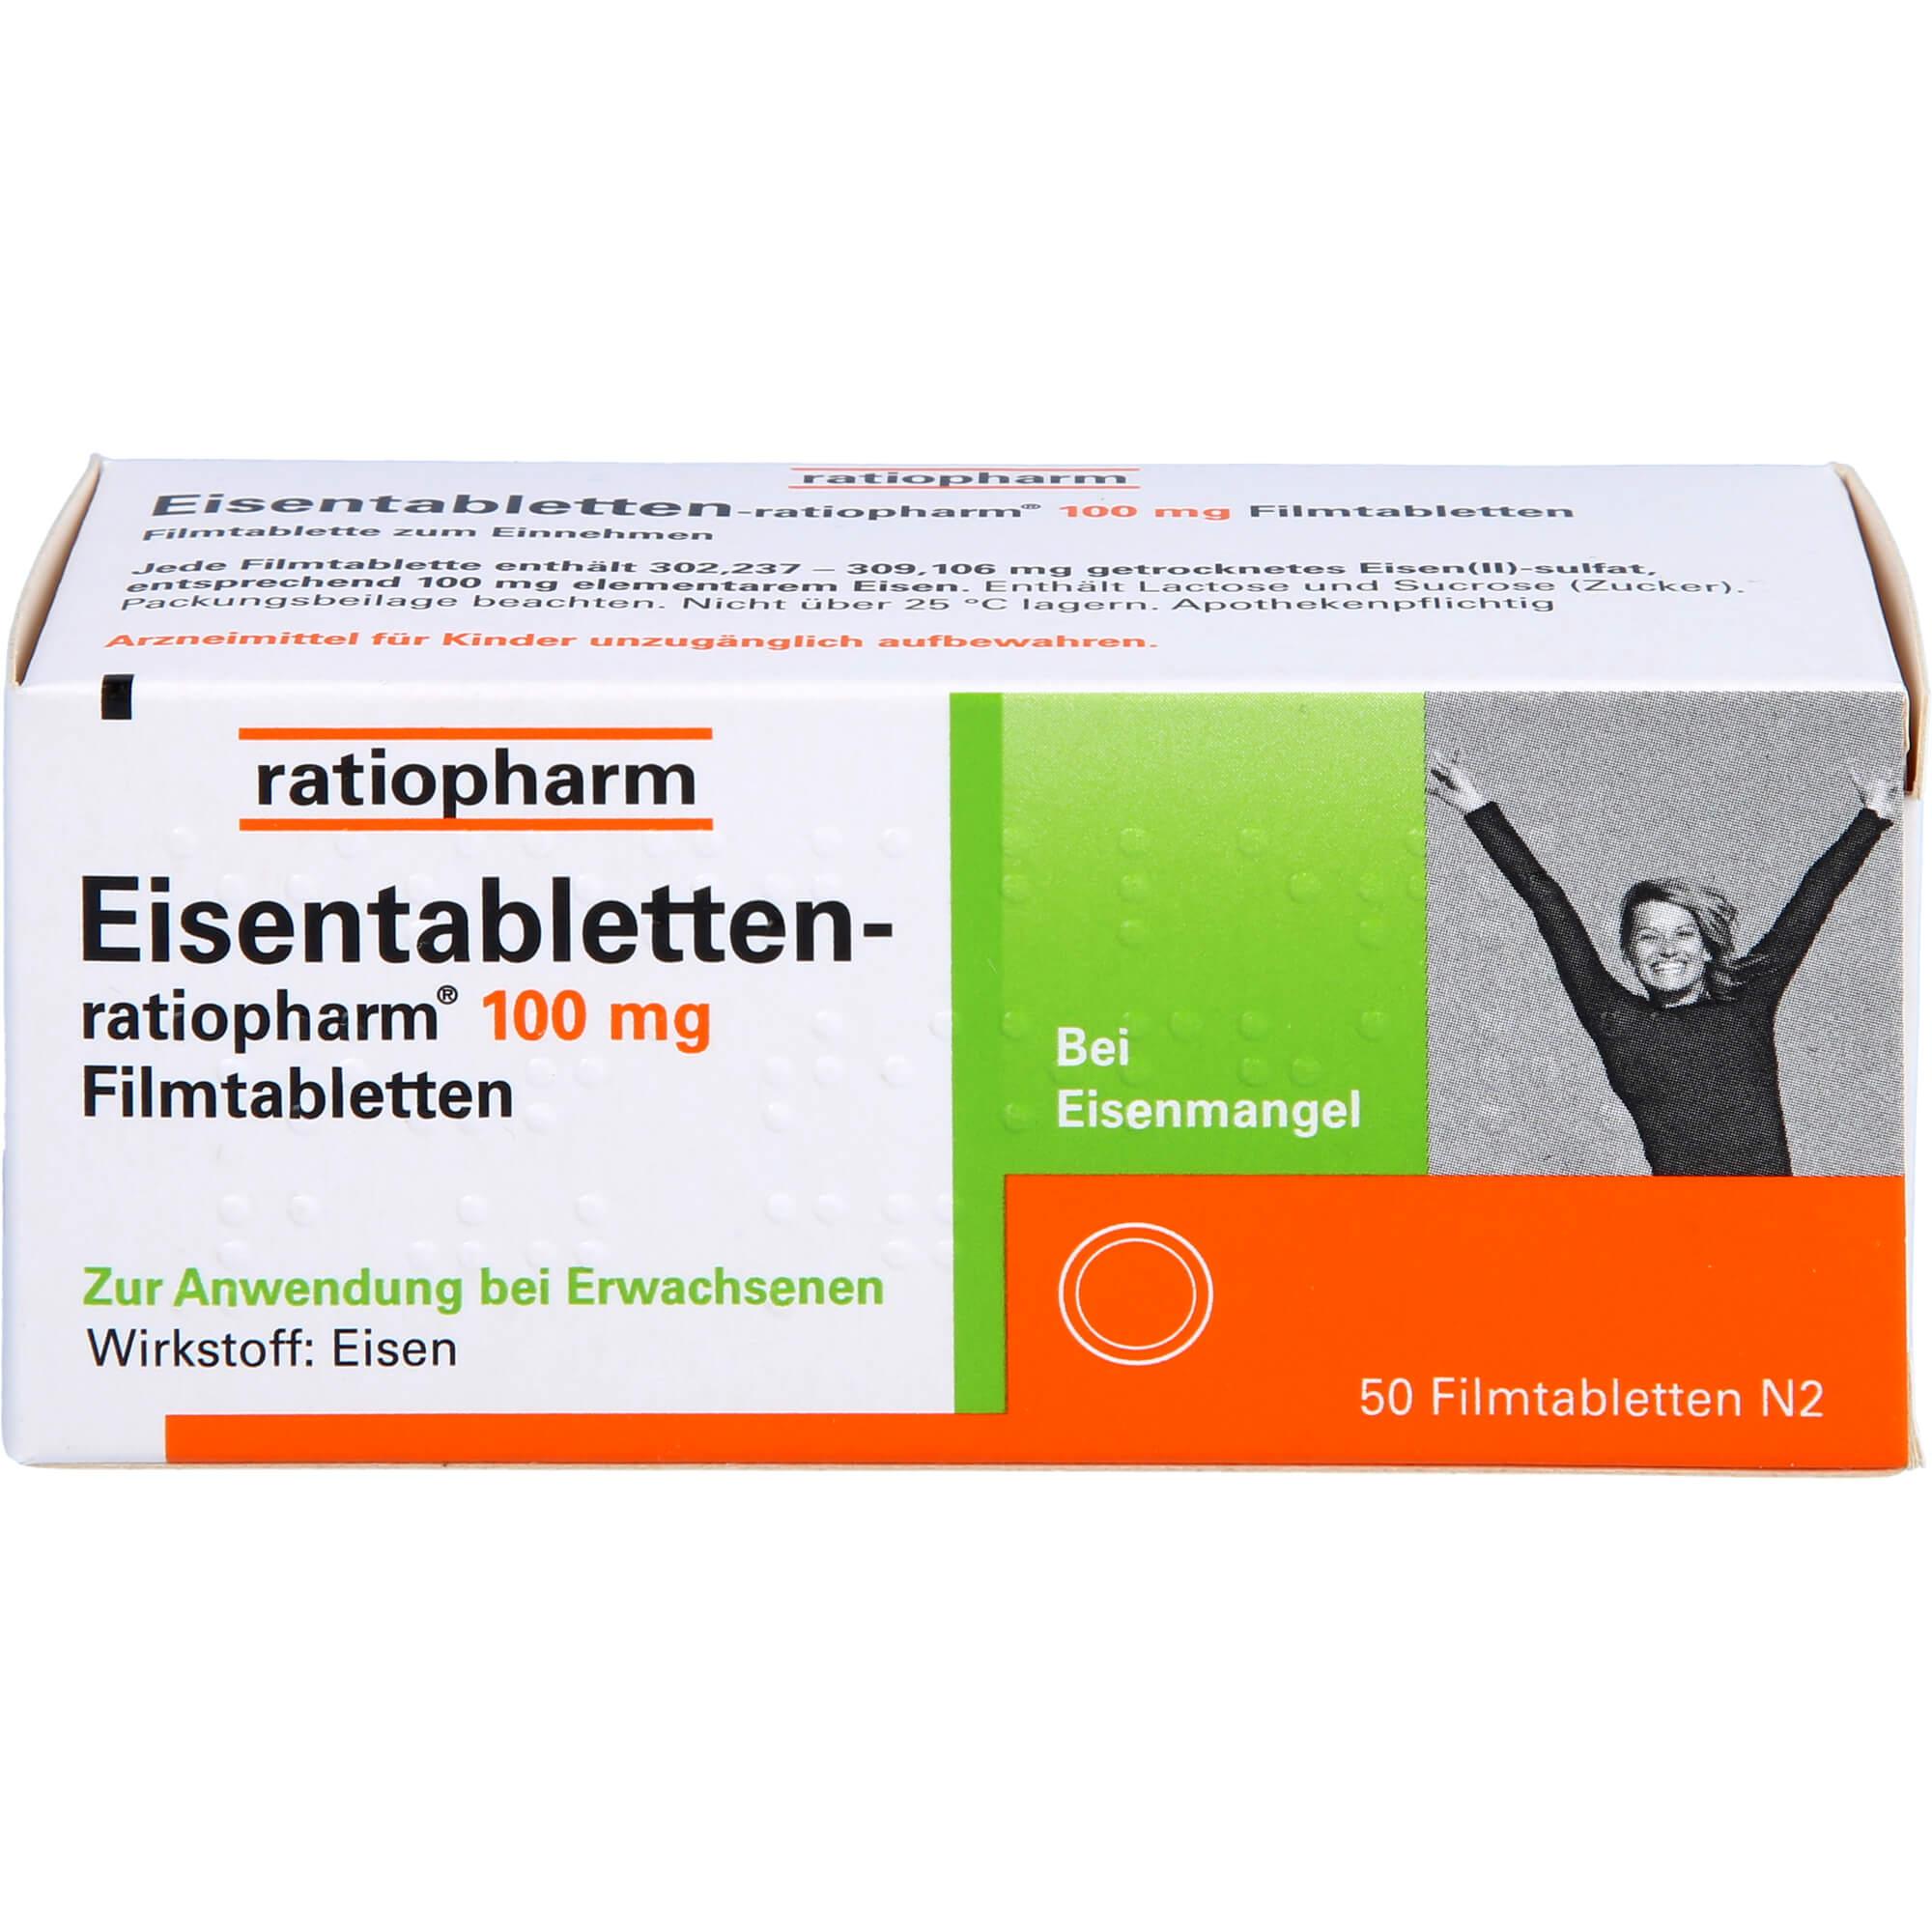 EISENTABLETTEN-ratiopharm-100-mg-Filmtabletten